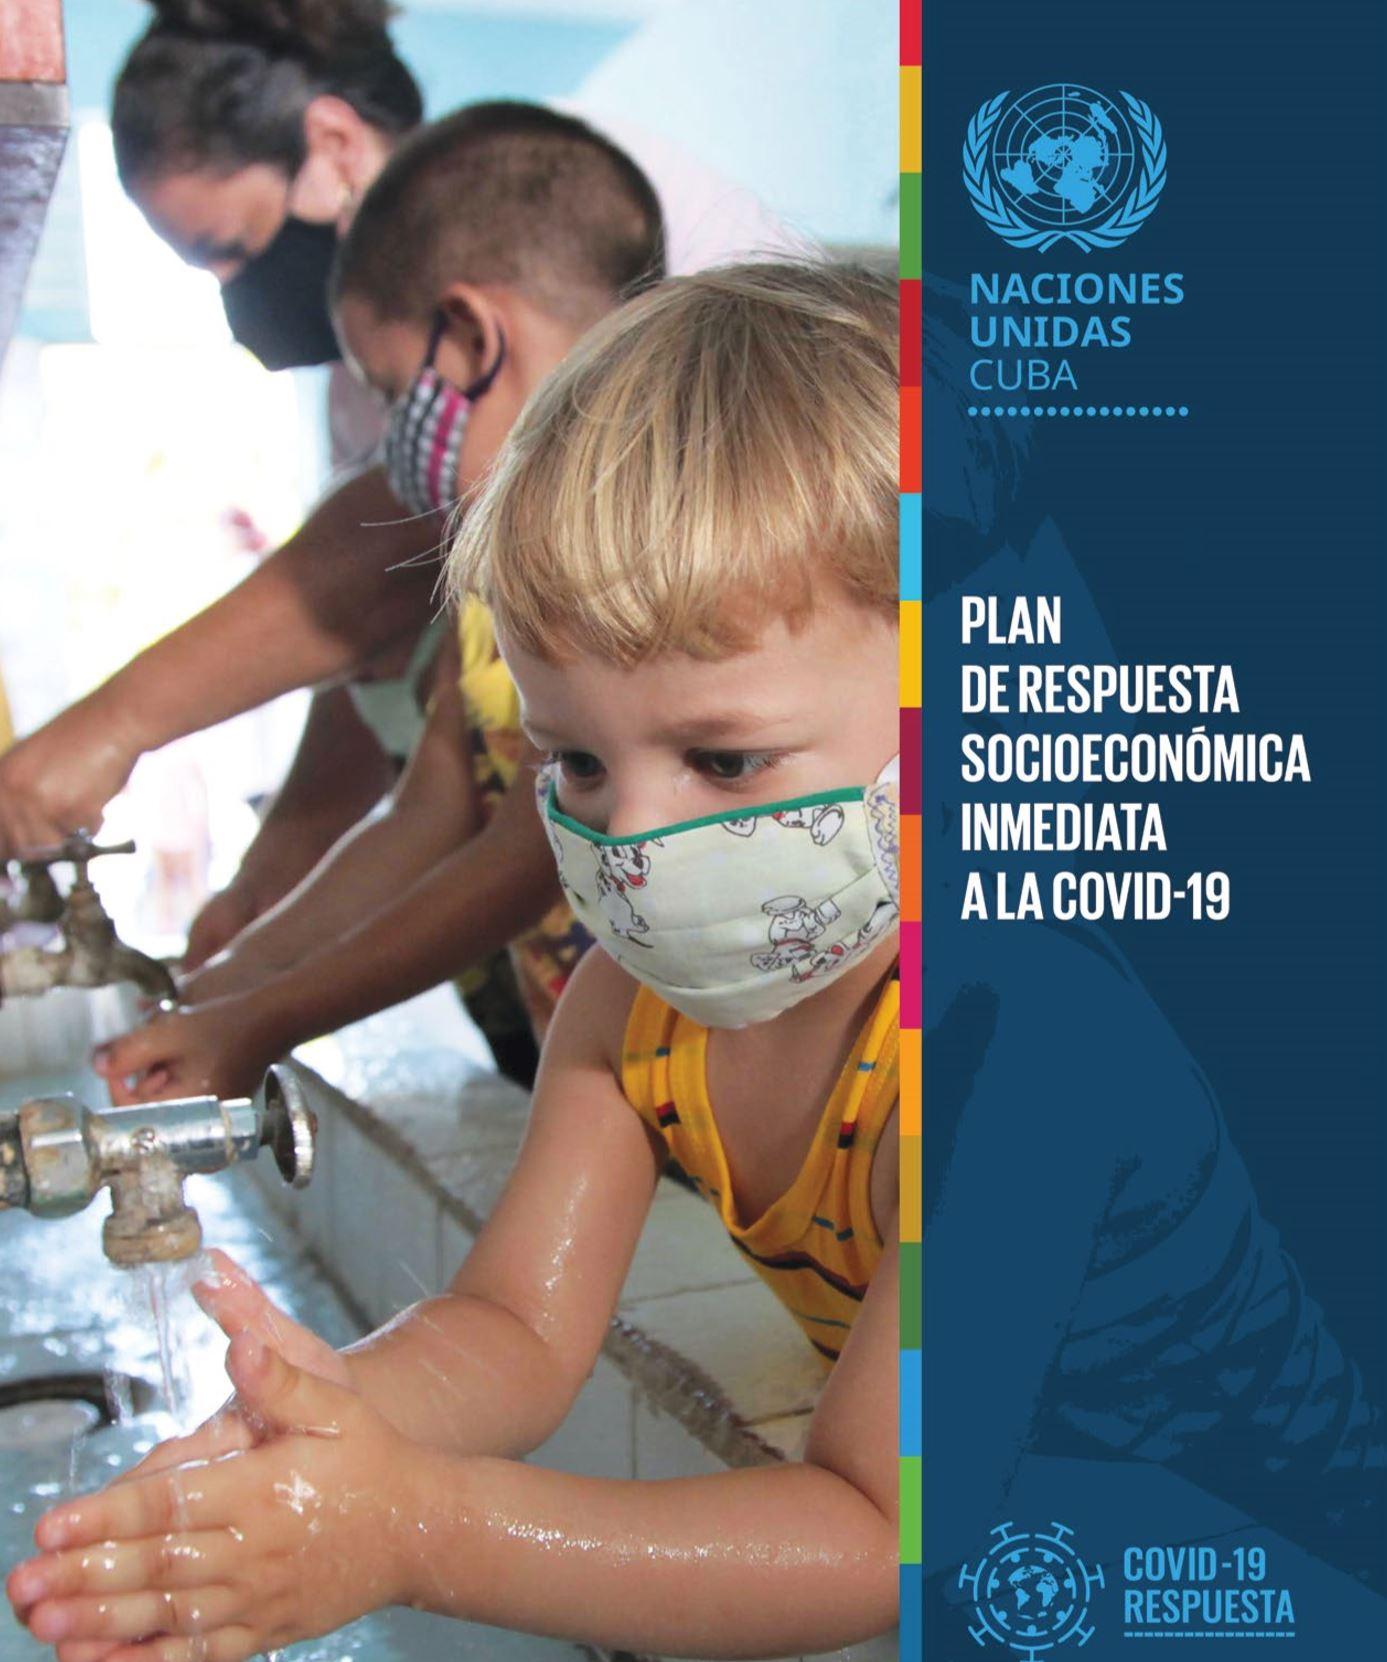 Plan de Respuesta Socioeconómica Inmediata de ONU Cuba a la COVID 19